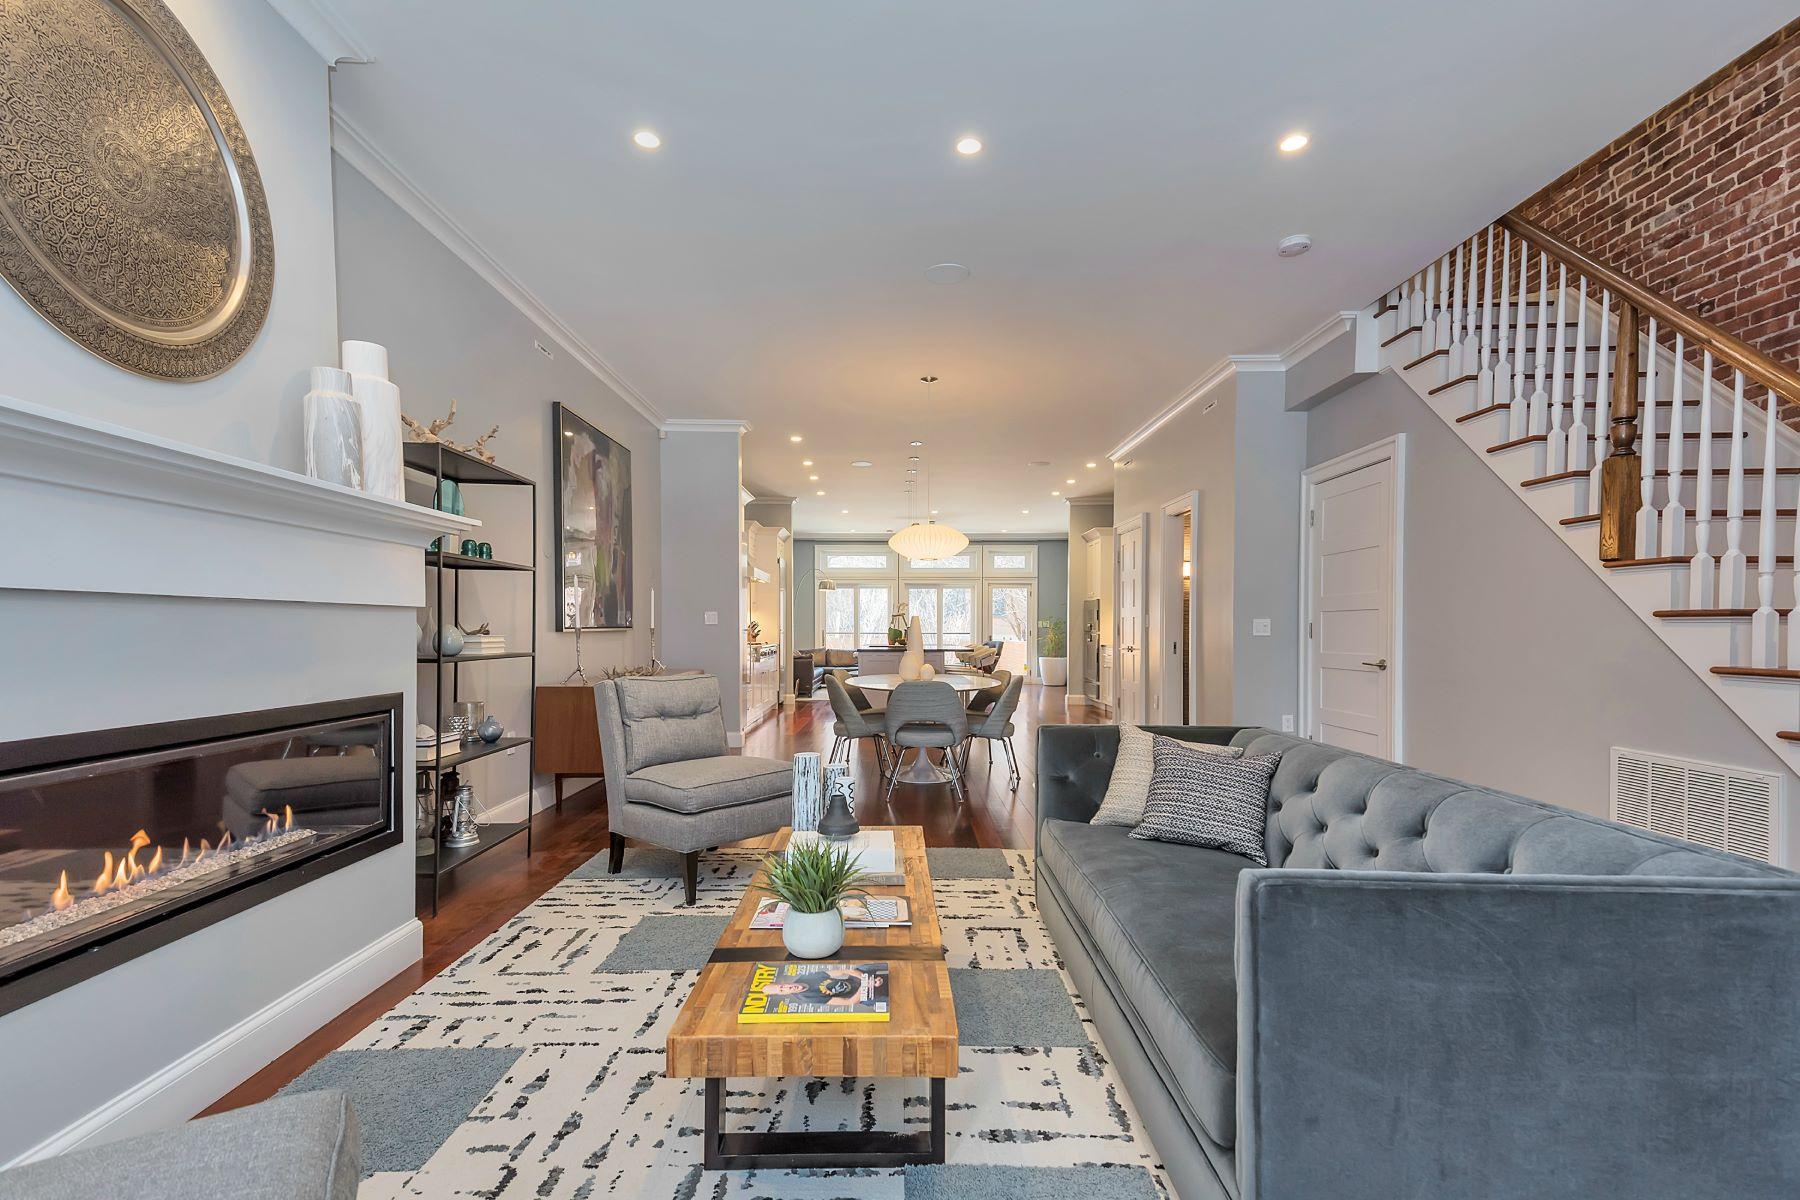 Многосемейный дом для того Продажа на Custom uptown Hoboken Townhome 1035 Park Ave Hoboken, Нью-Джерси 07030 Соединенные Штаты